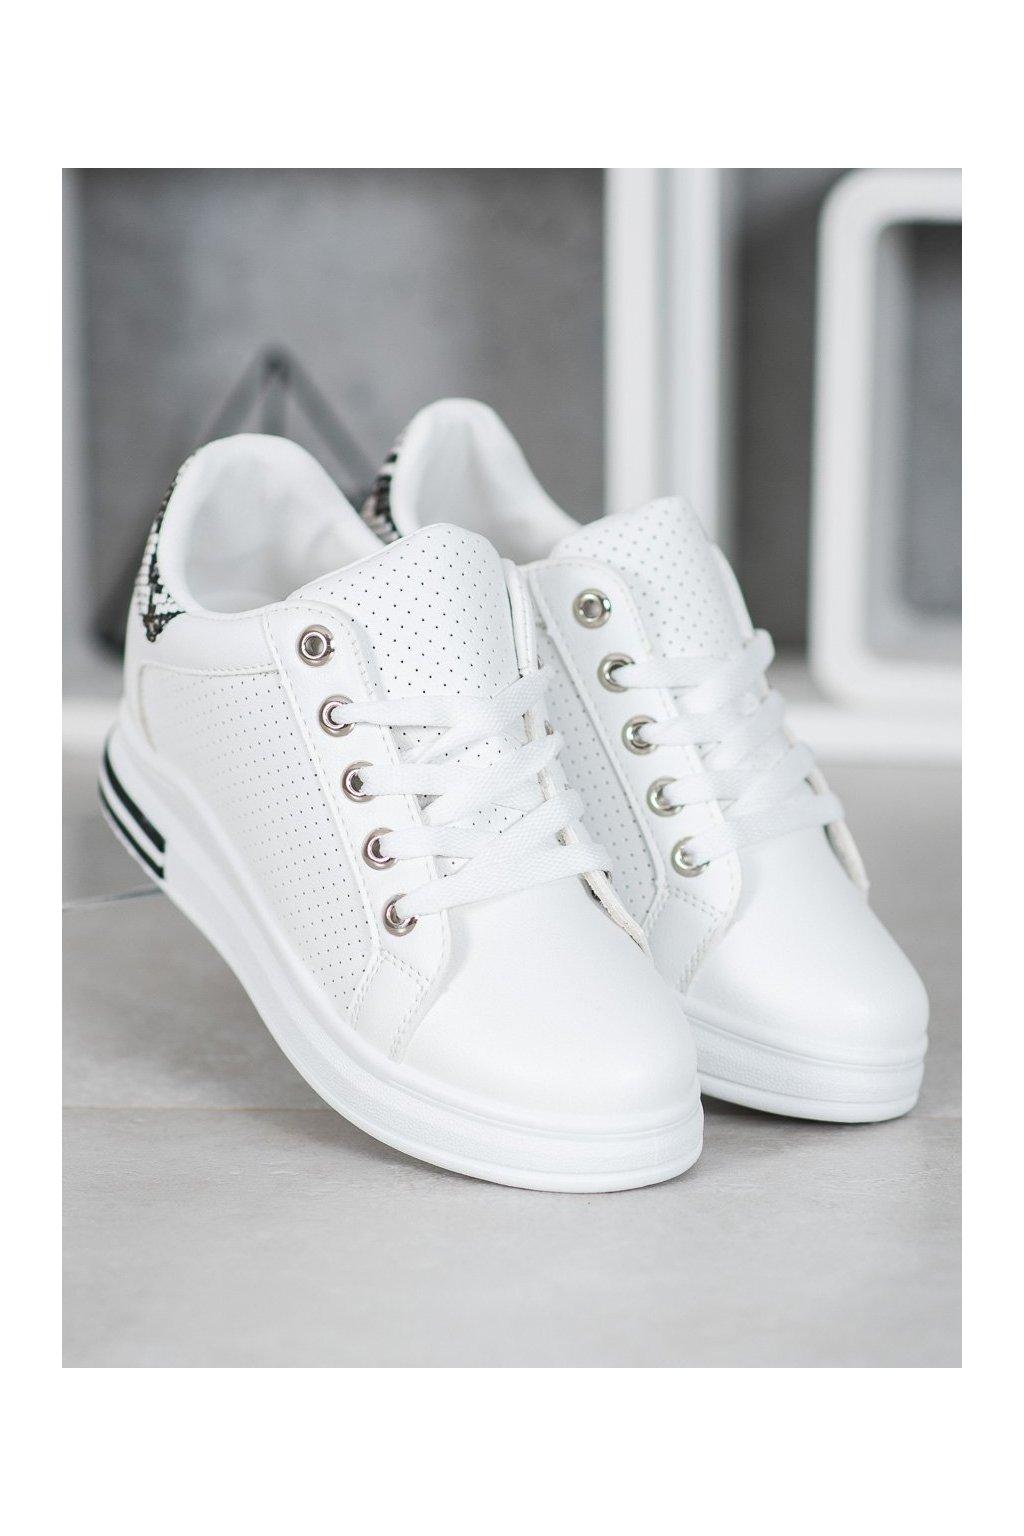 Biele tenisky Shelovet kod KS-1301W/SN